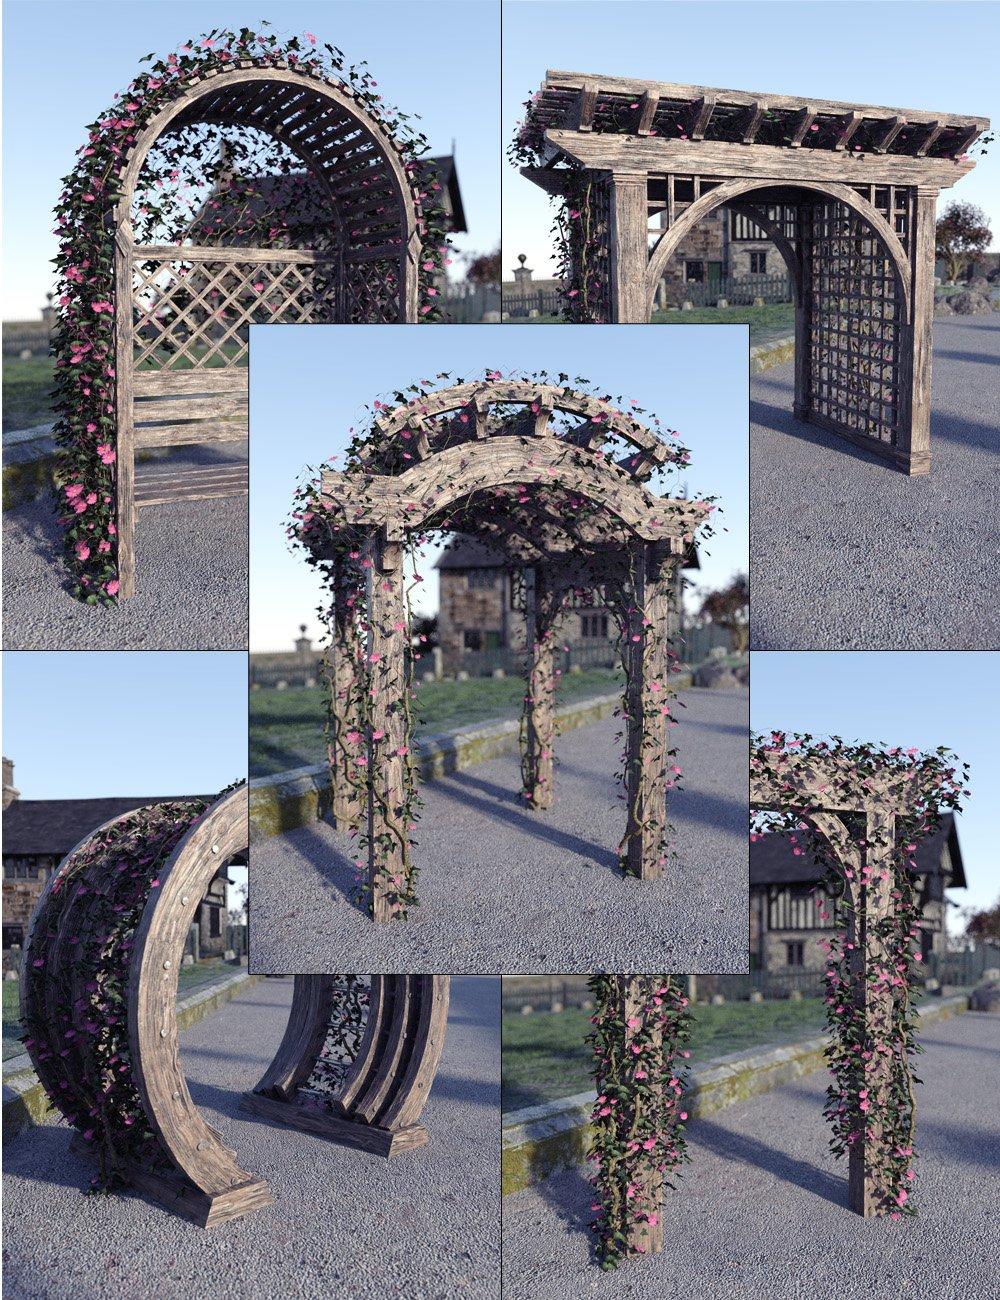 Garden Arches Vol 2 by: David BrinnenForbiddenWhispers, 3D Models by Daz 3D